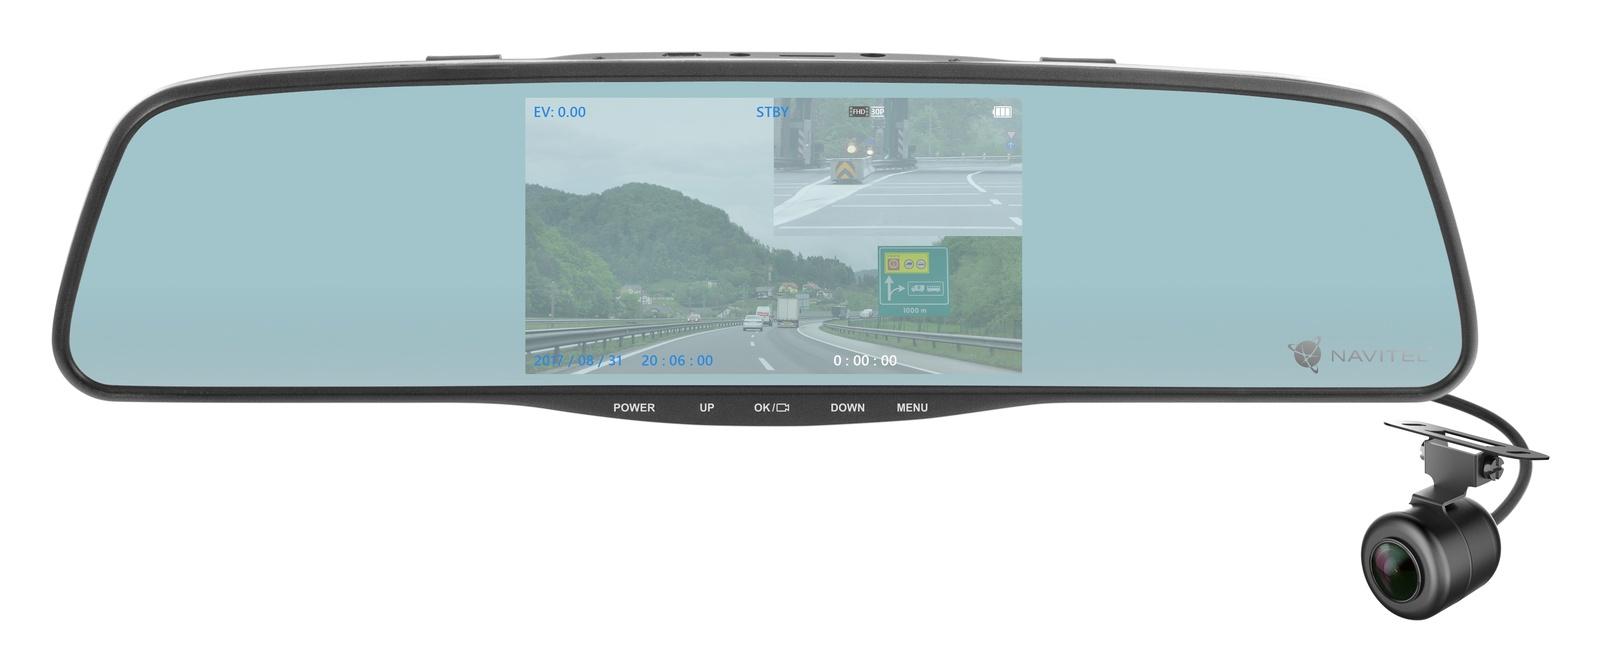 Отзывы зеркало регистратор навигатор авторегистратор с внешним жестким диском